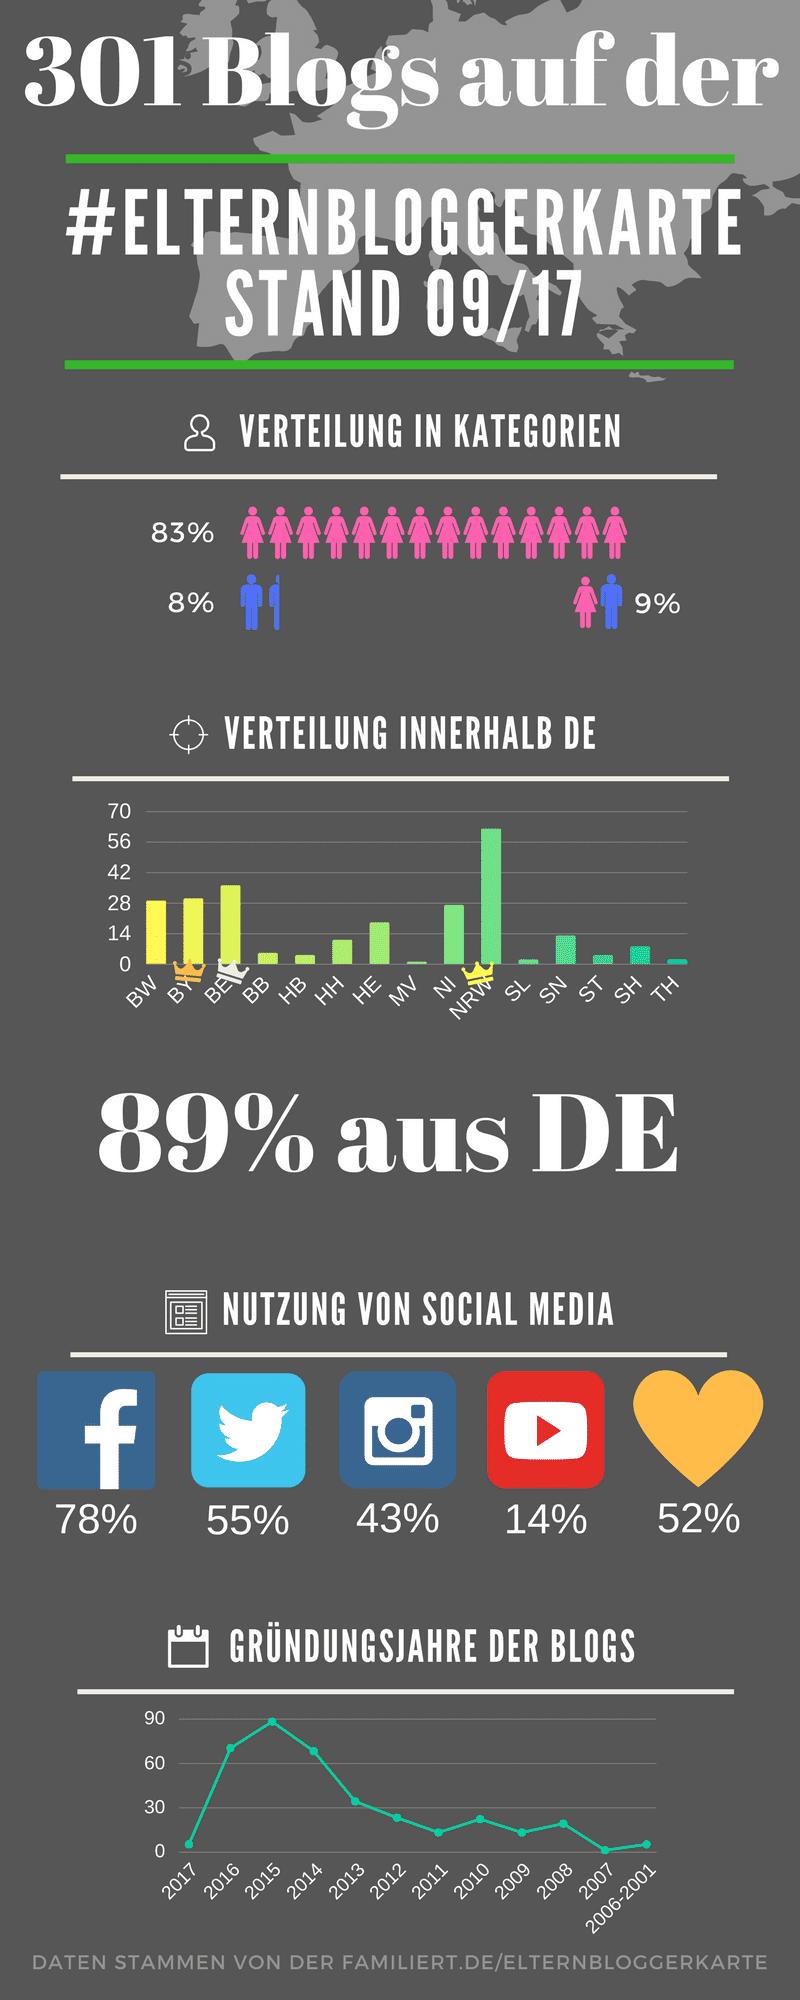 Auswertung der Daten der 301 Blogs aus der Elternbloggerkarte | familiert.de